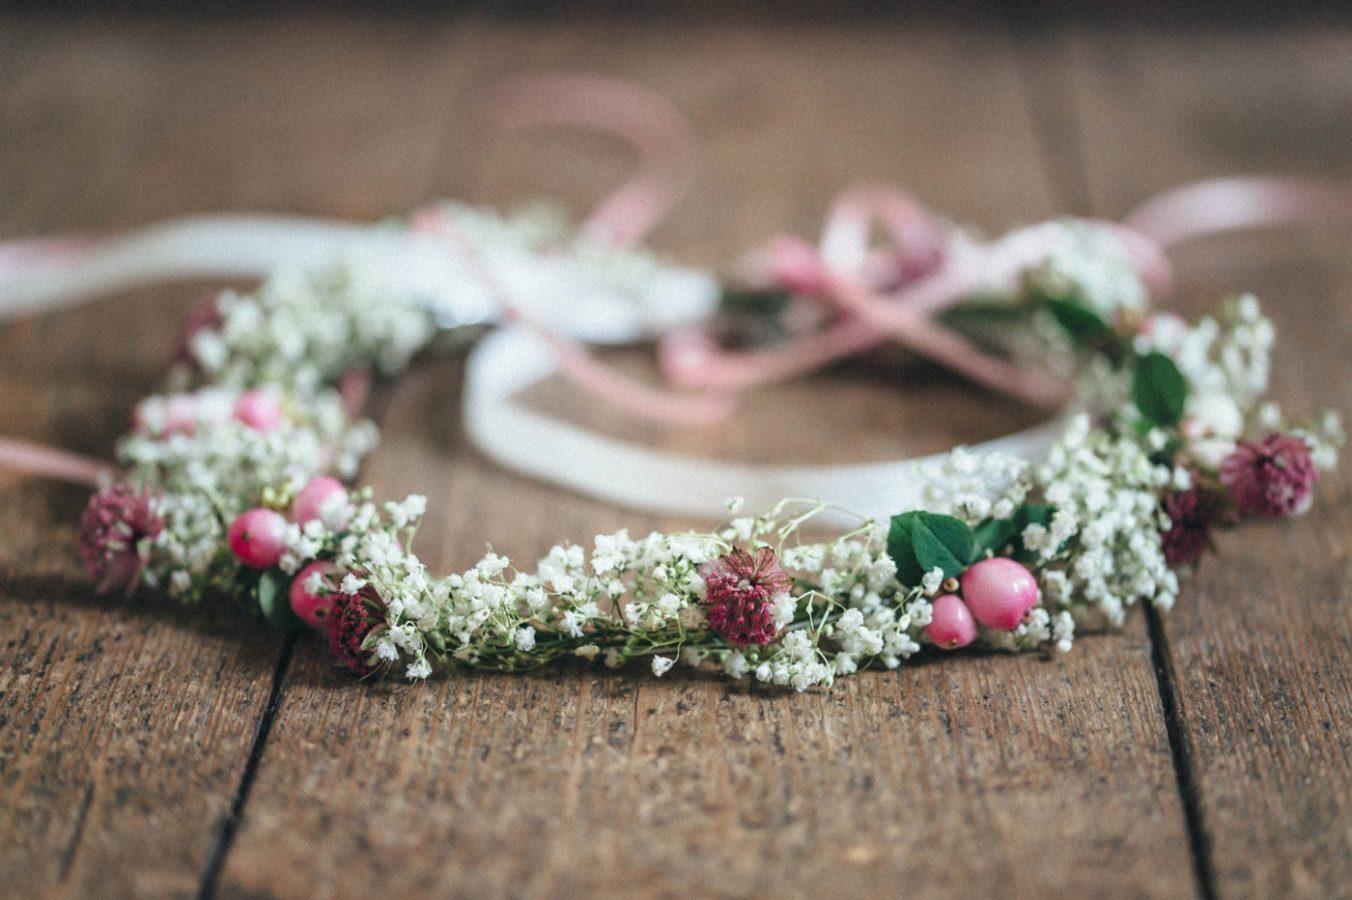 Fotos HochzeitsreportagenFotoshochzeit hochzeitsfotograf international cologne ibiza mallorca 0866